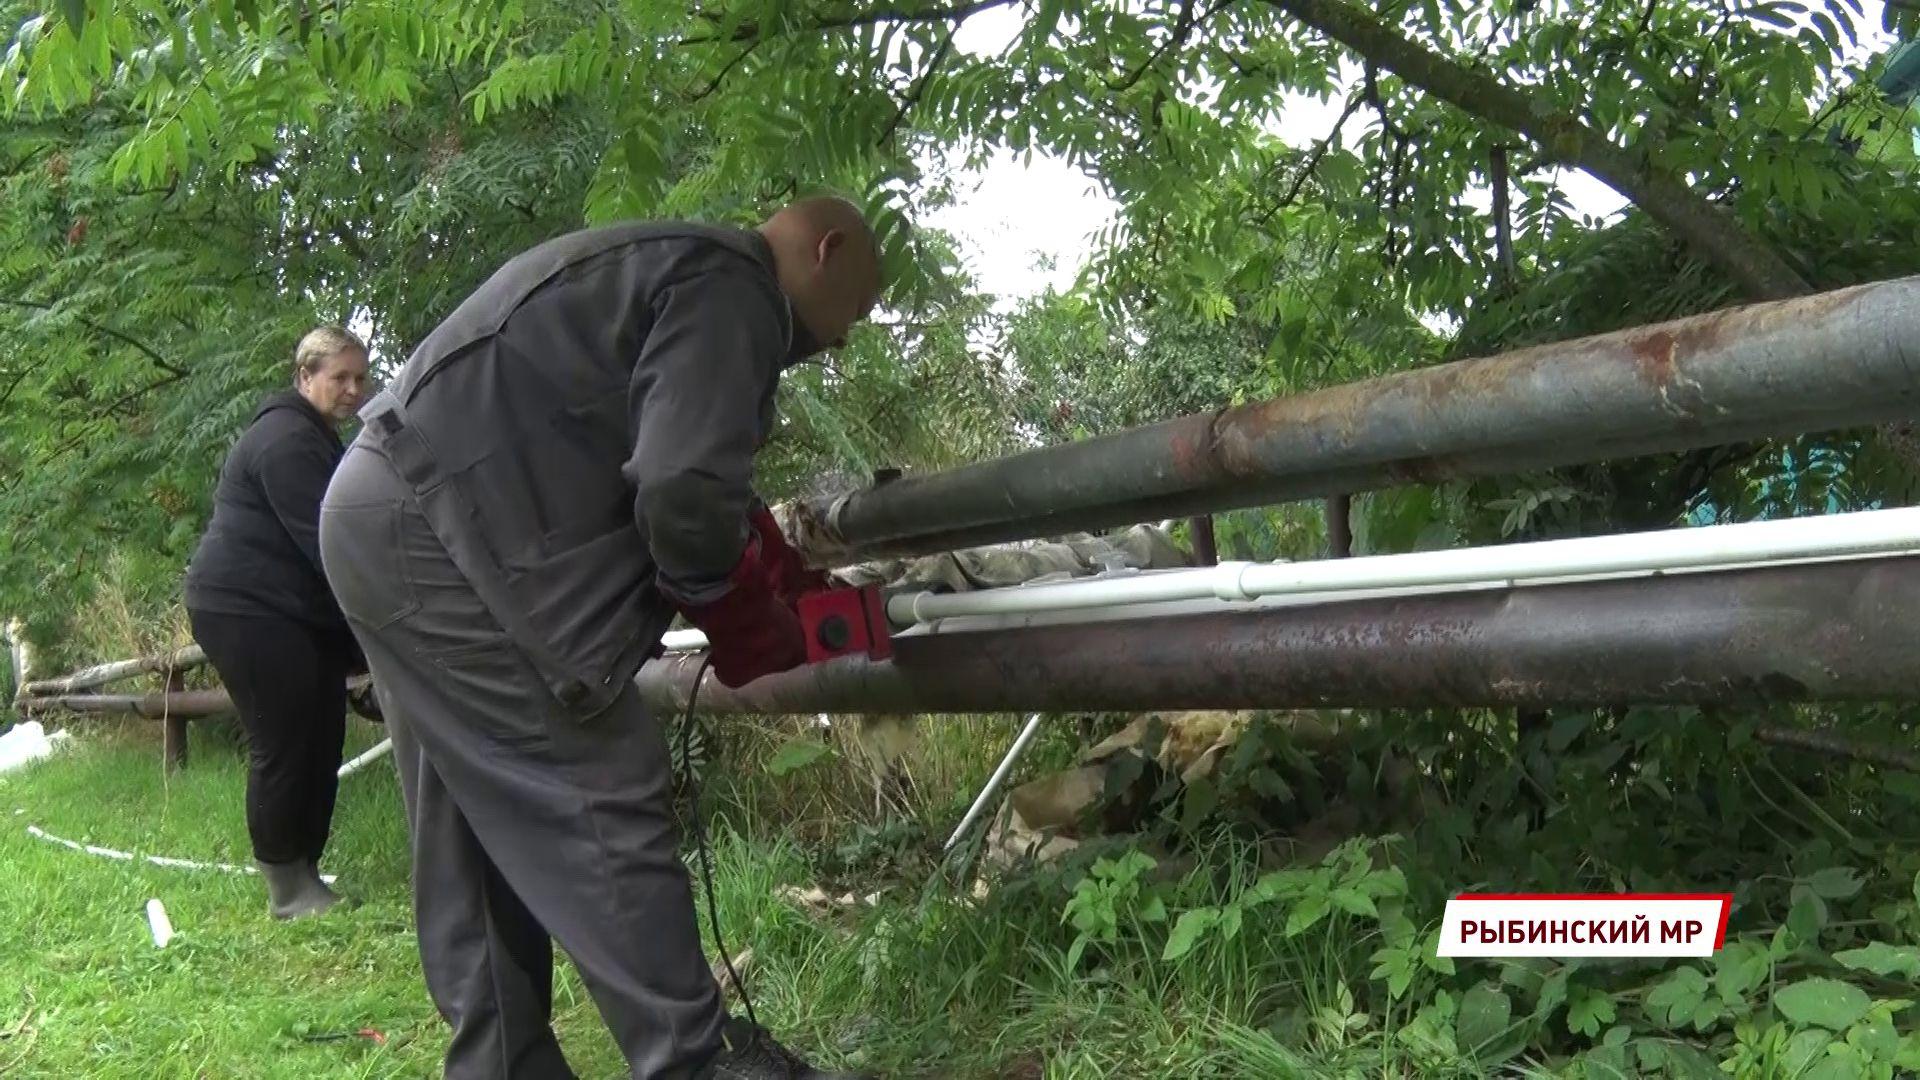 Тепла будет много: в Ярославской области установили сроки для ремонта котельных